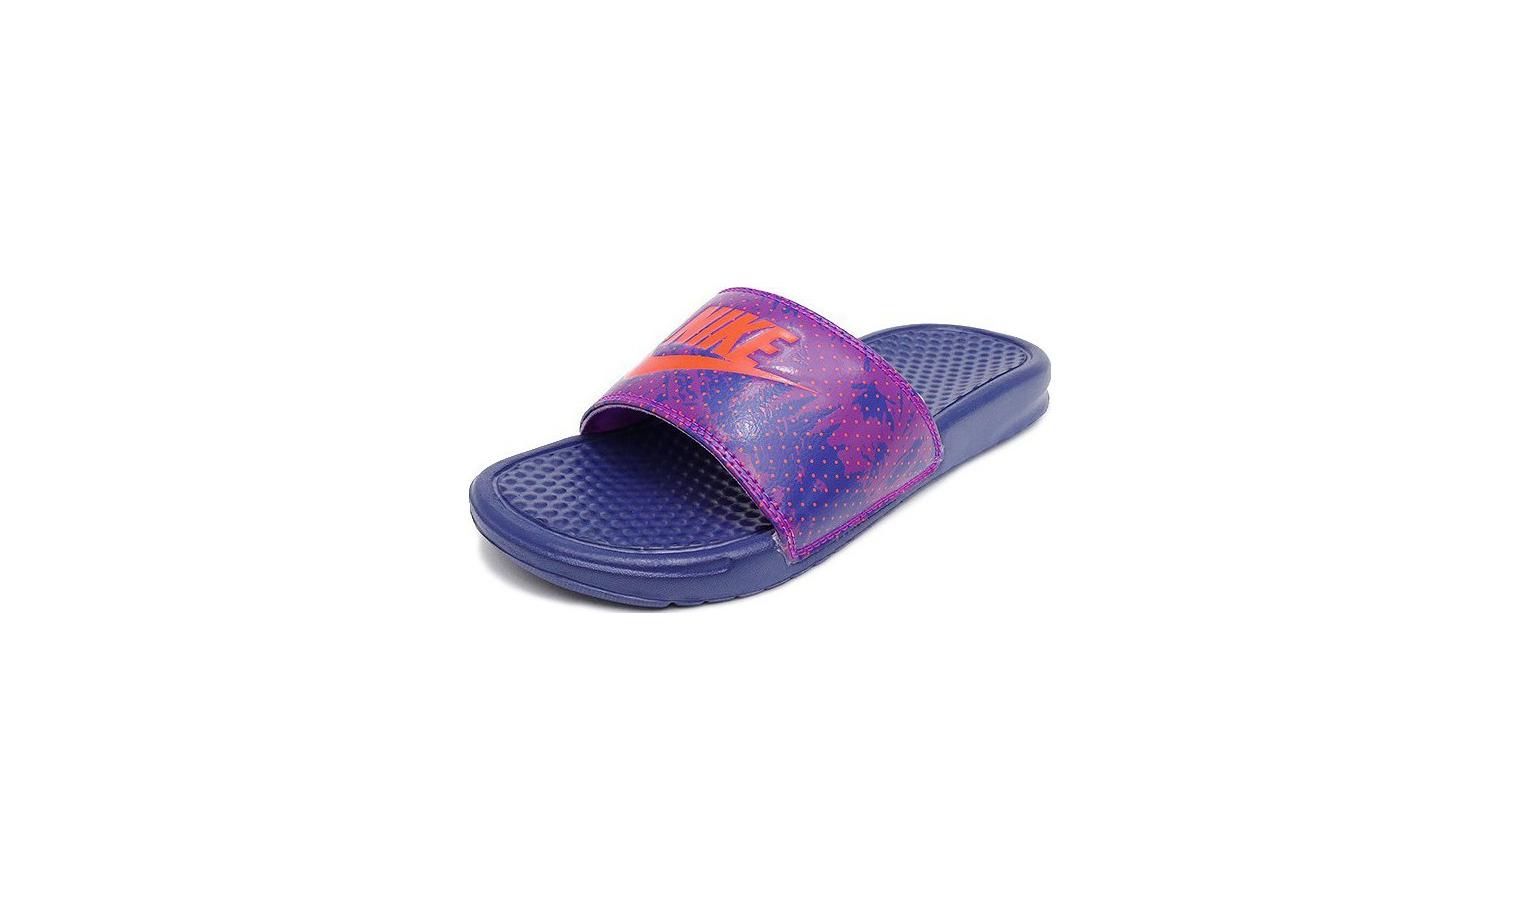 Dámské pantofle Nike BENASSI JUST DO IT modré  c747a4f2f76